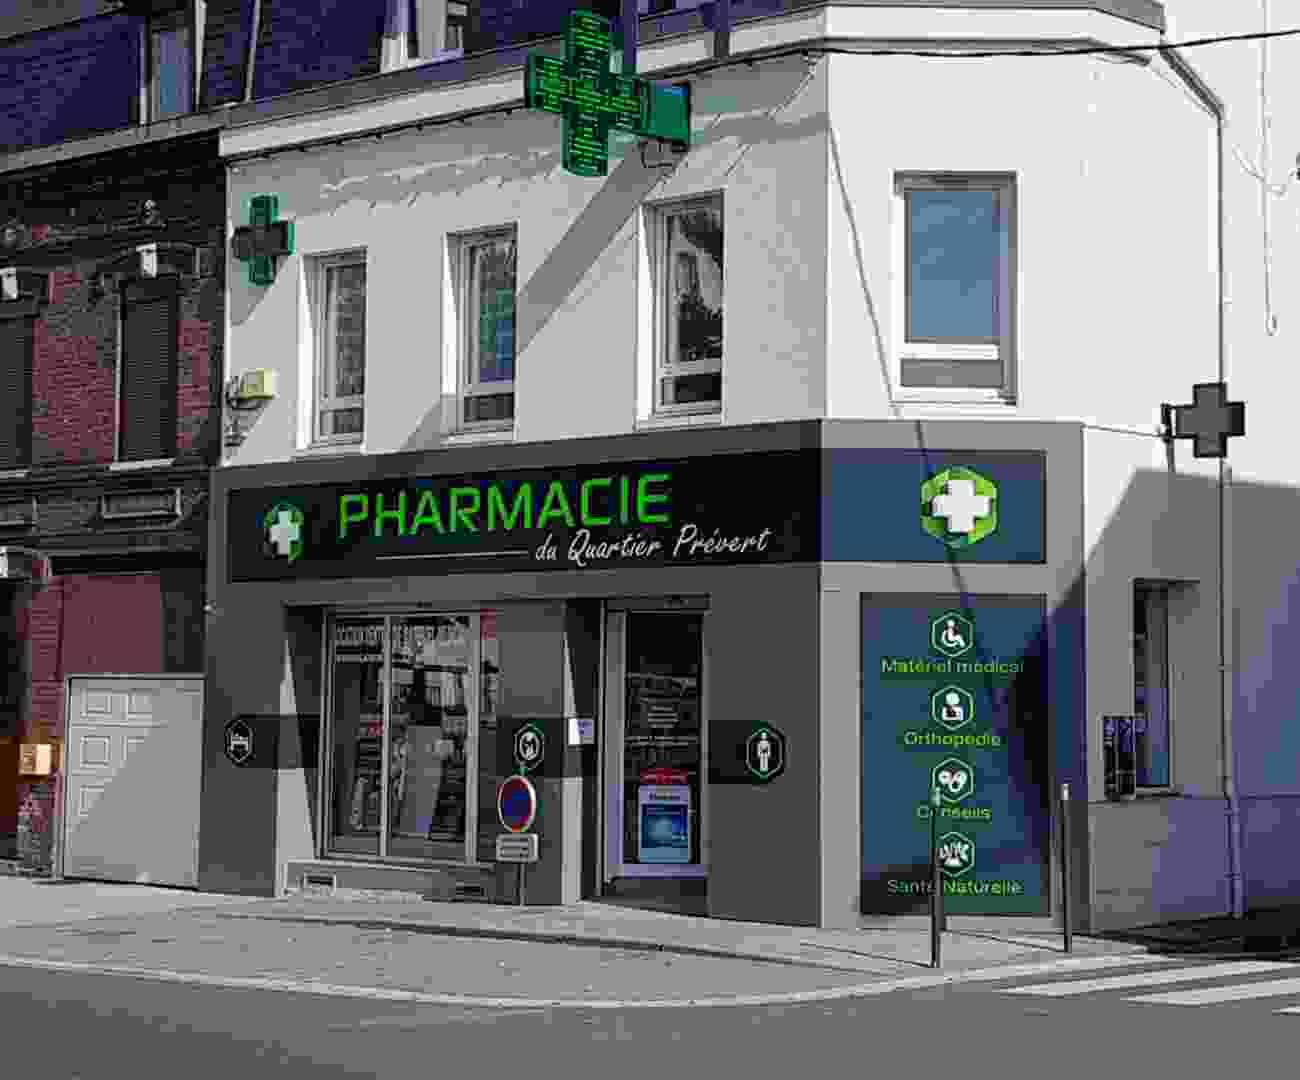 Alucobond Facade Pharmacie